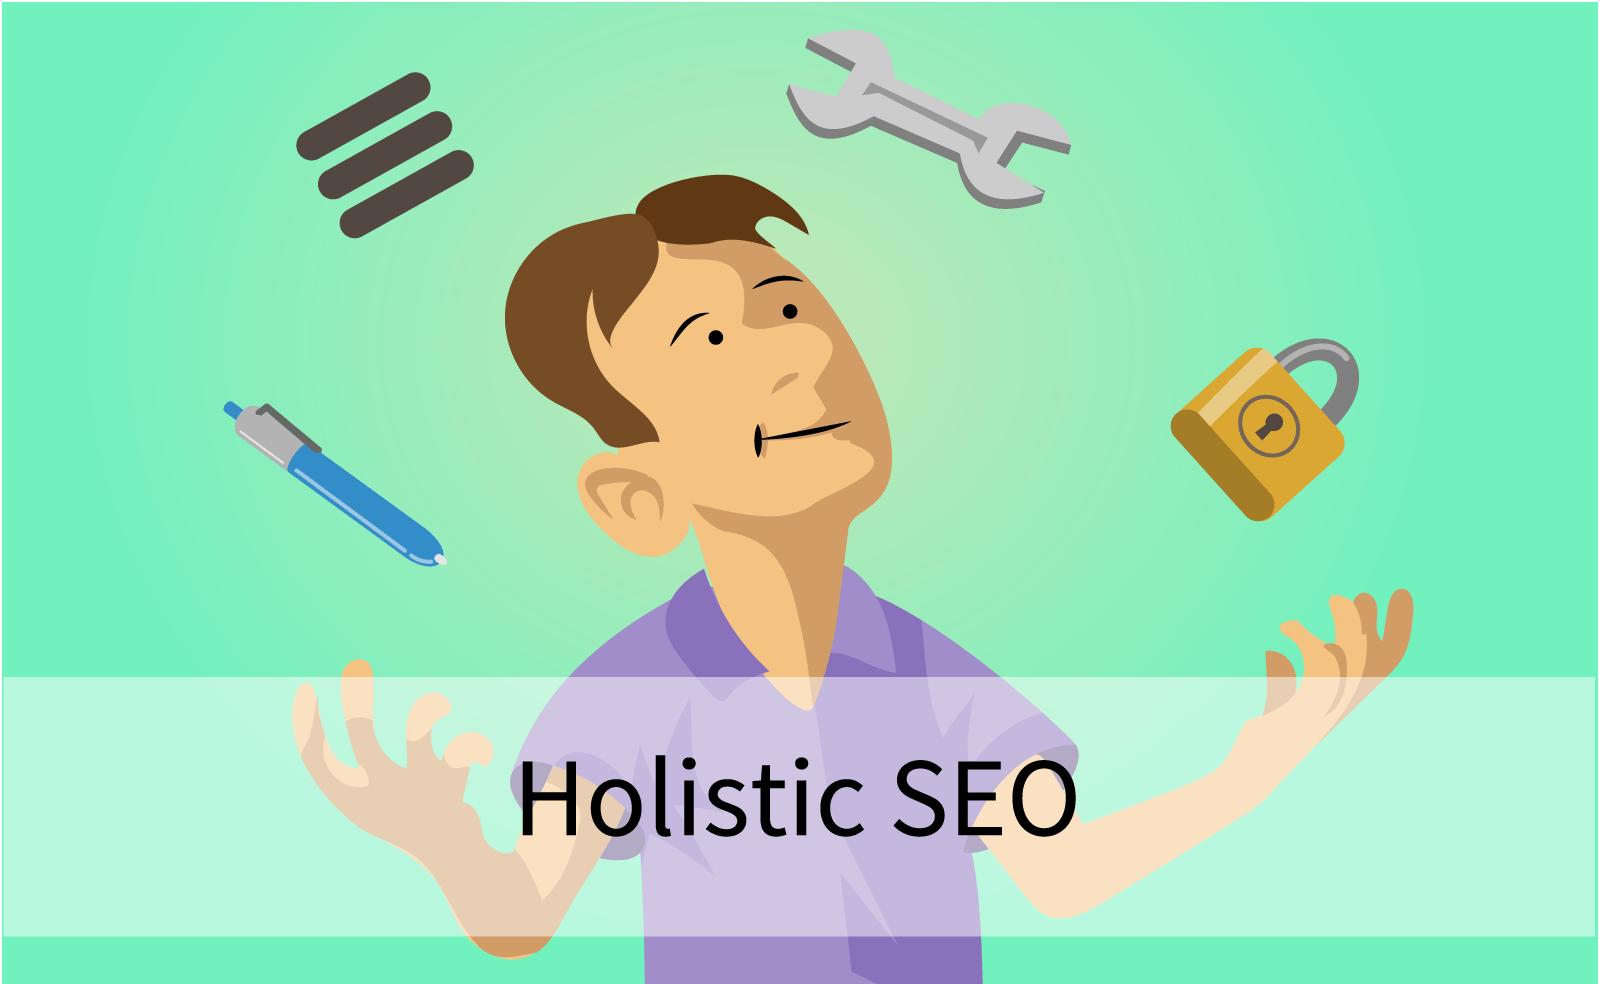 holistic-seo